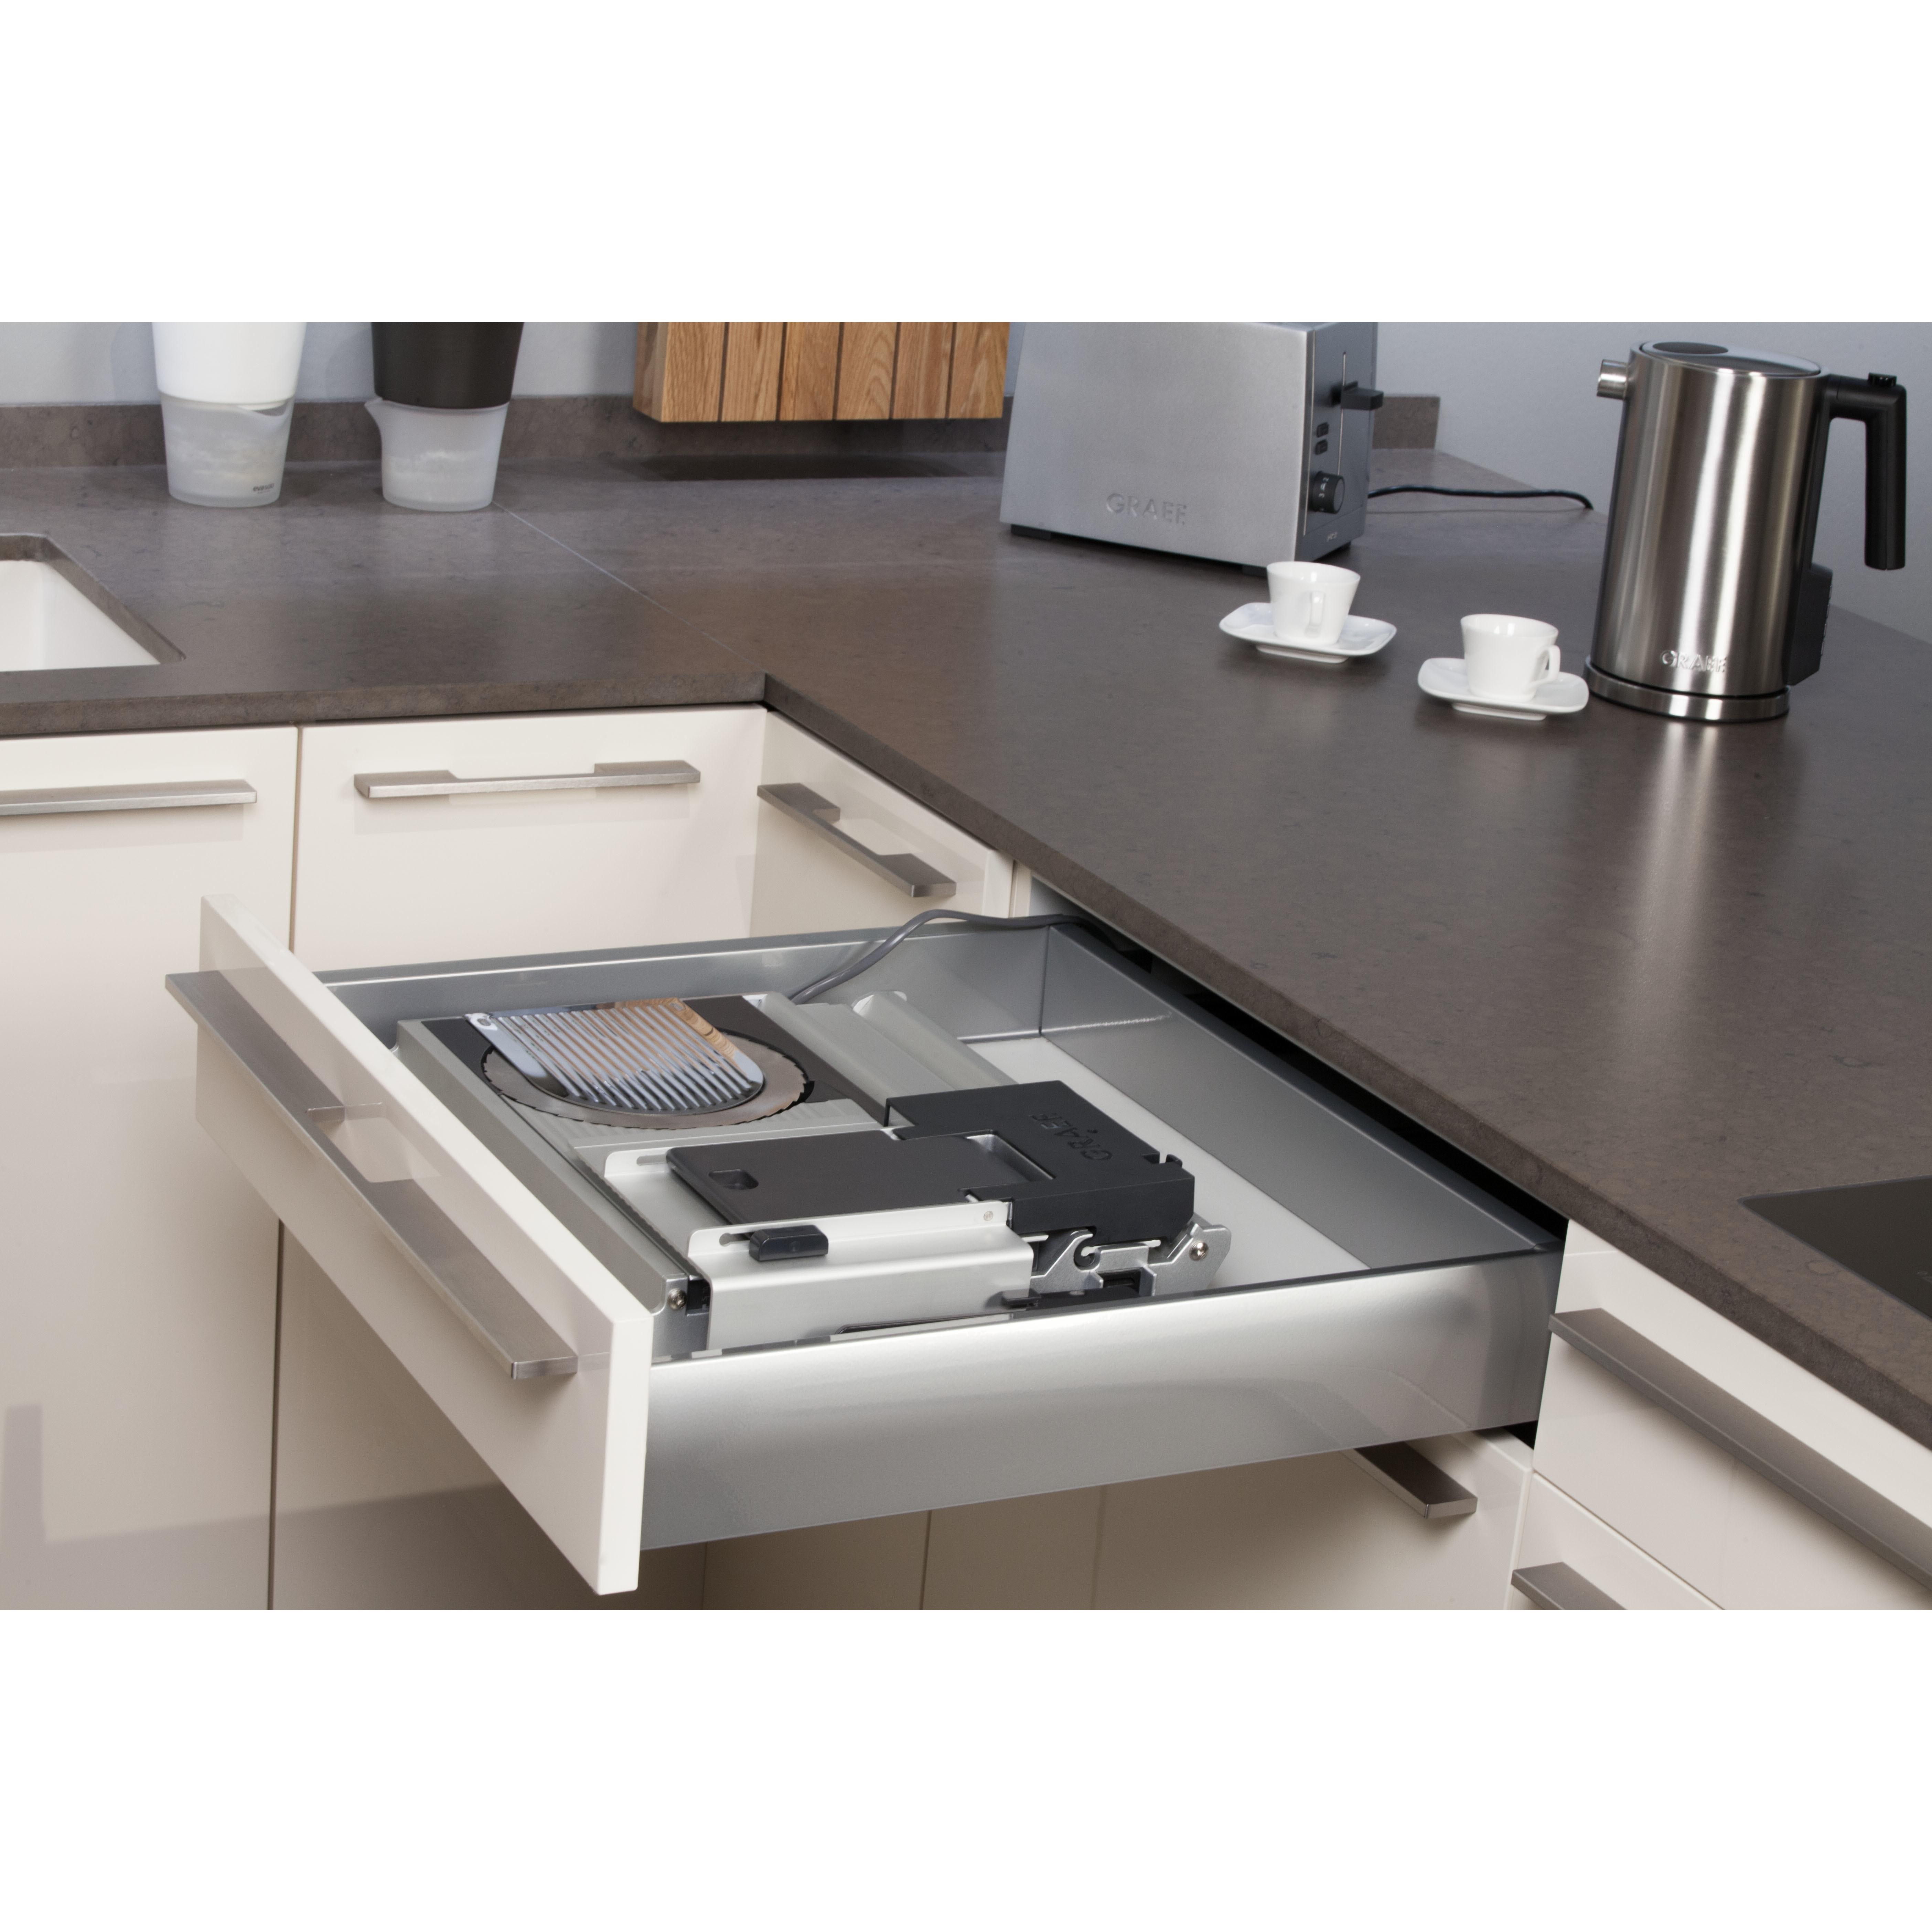 schubladen k che einstellen k che zwei zeilen ikea. Black Bedroom Furniture Sets. Home Design Ideas